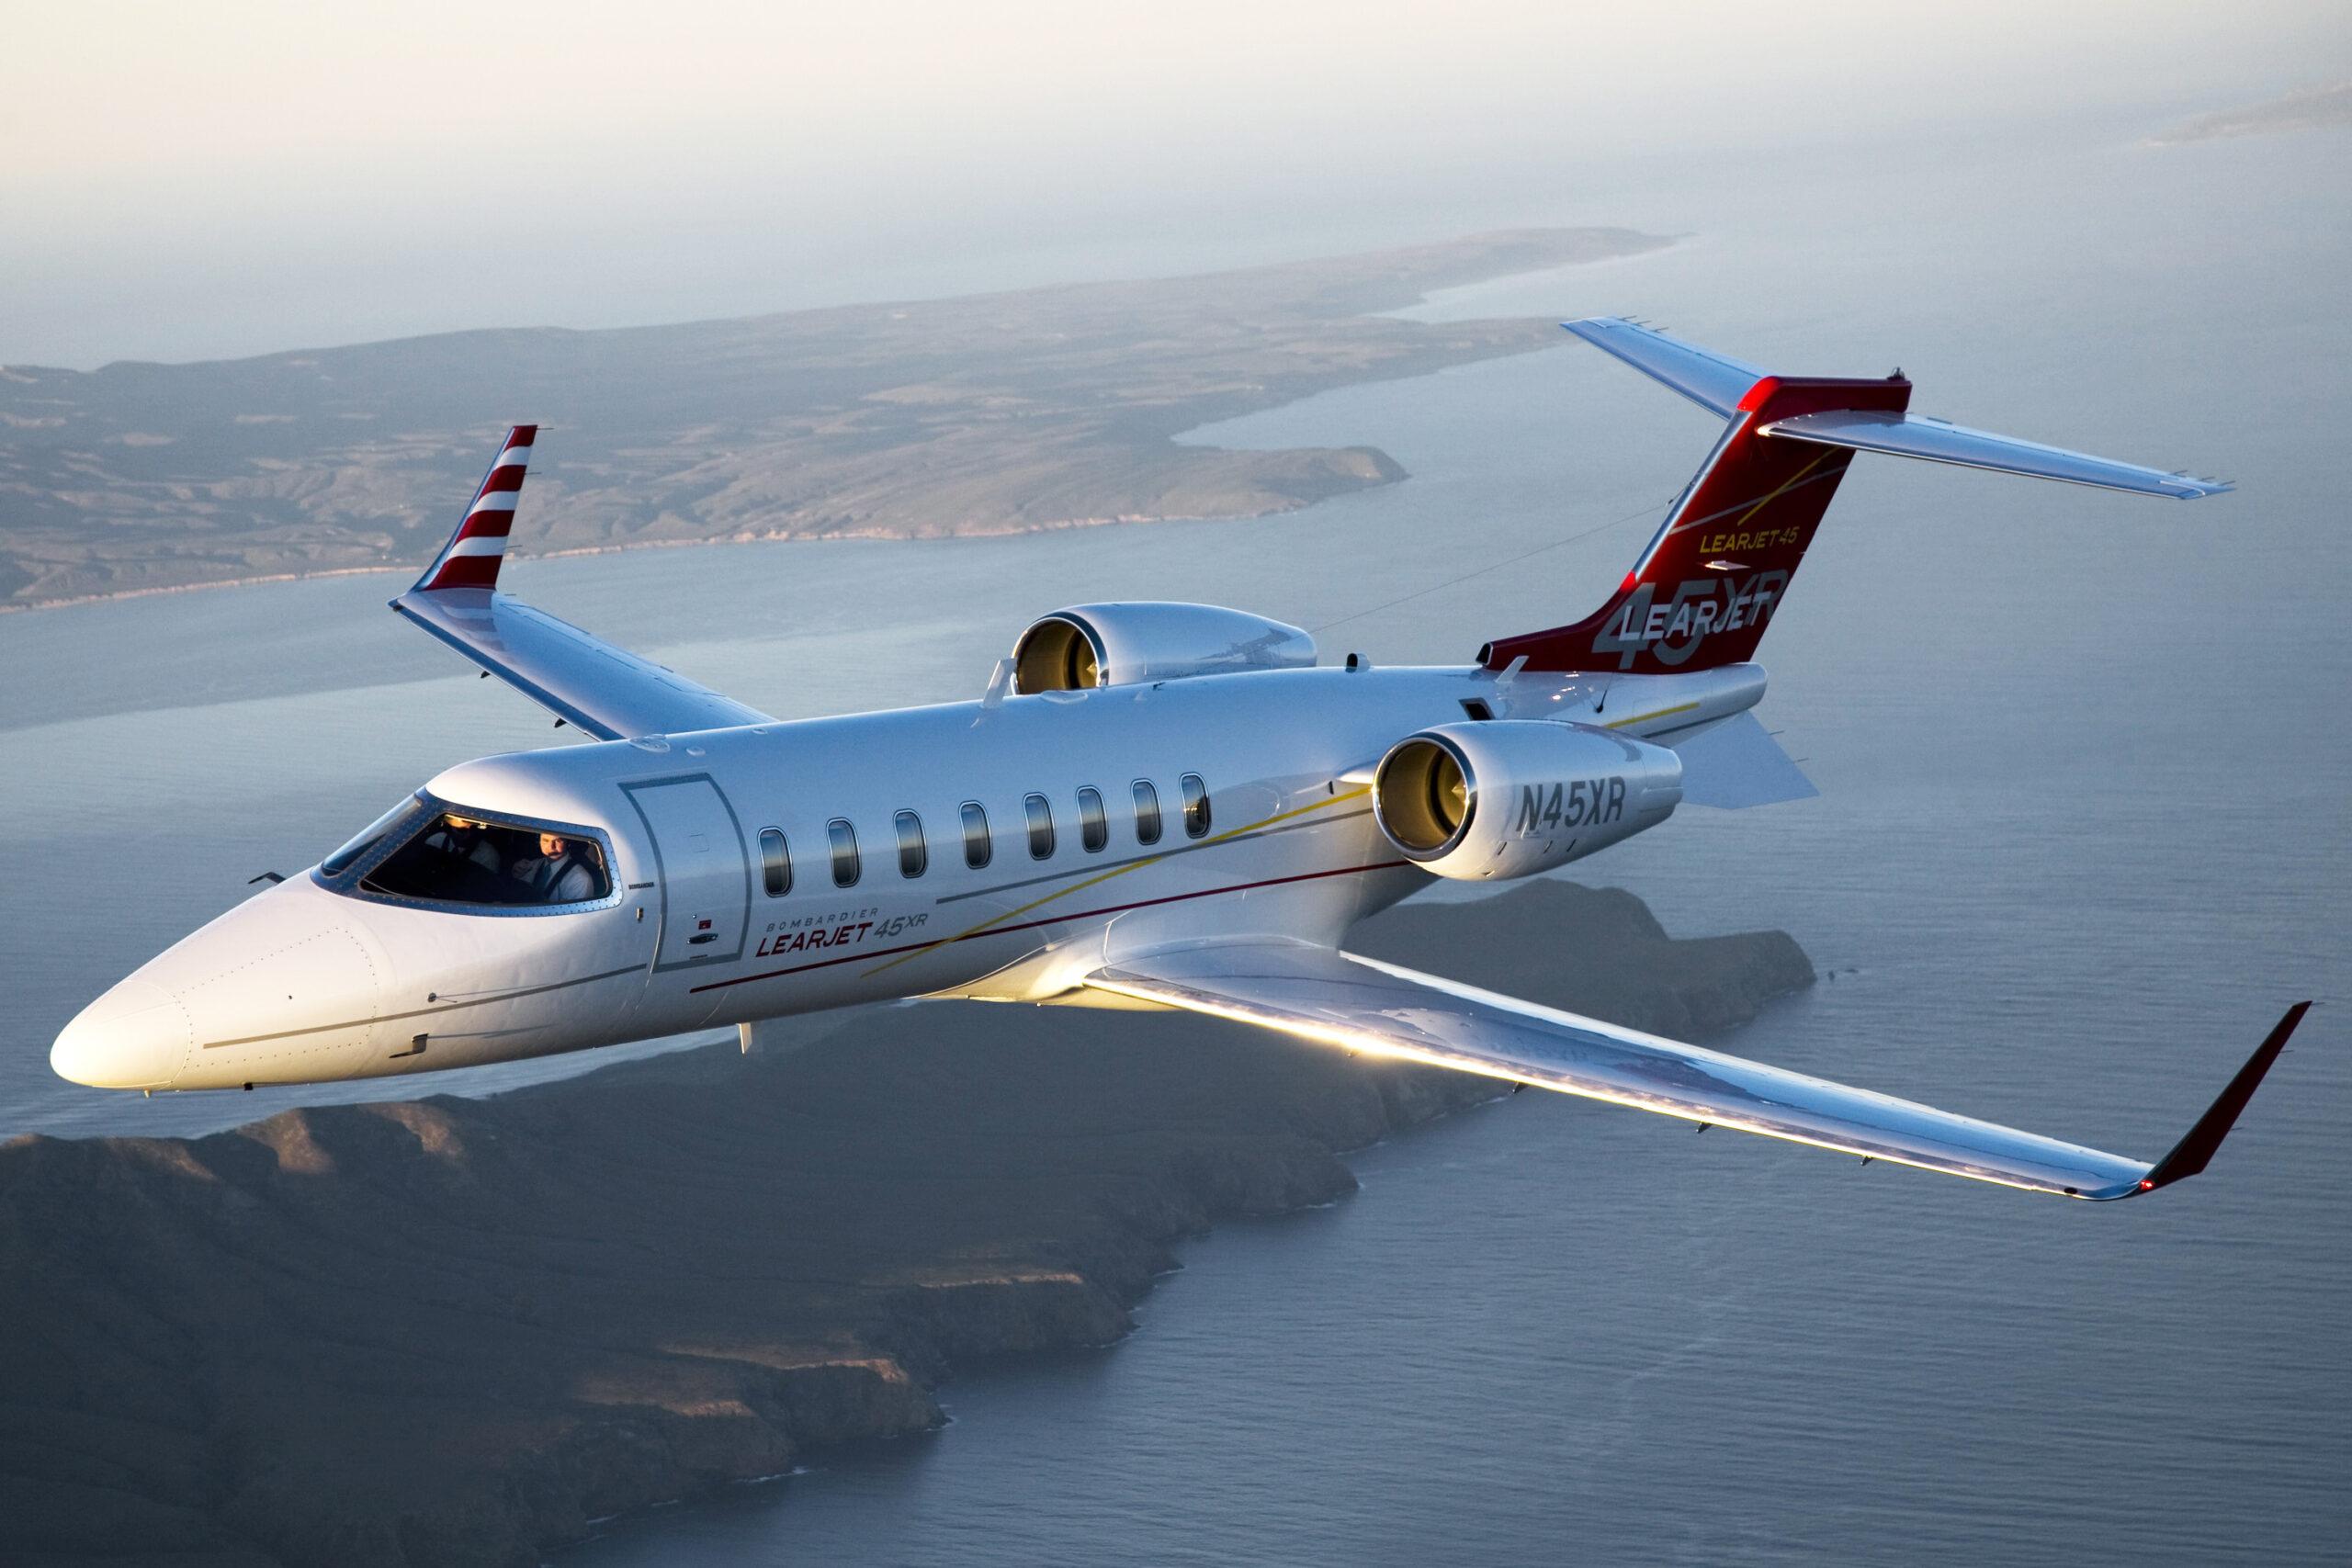 BOMBARDIER LEARJET 45XR 1 scaled - Bombardier Learjet 45XR